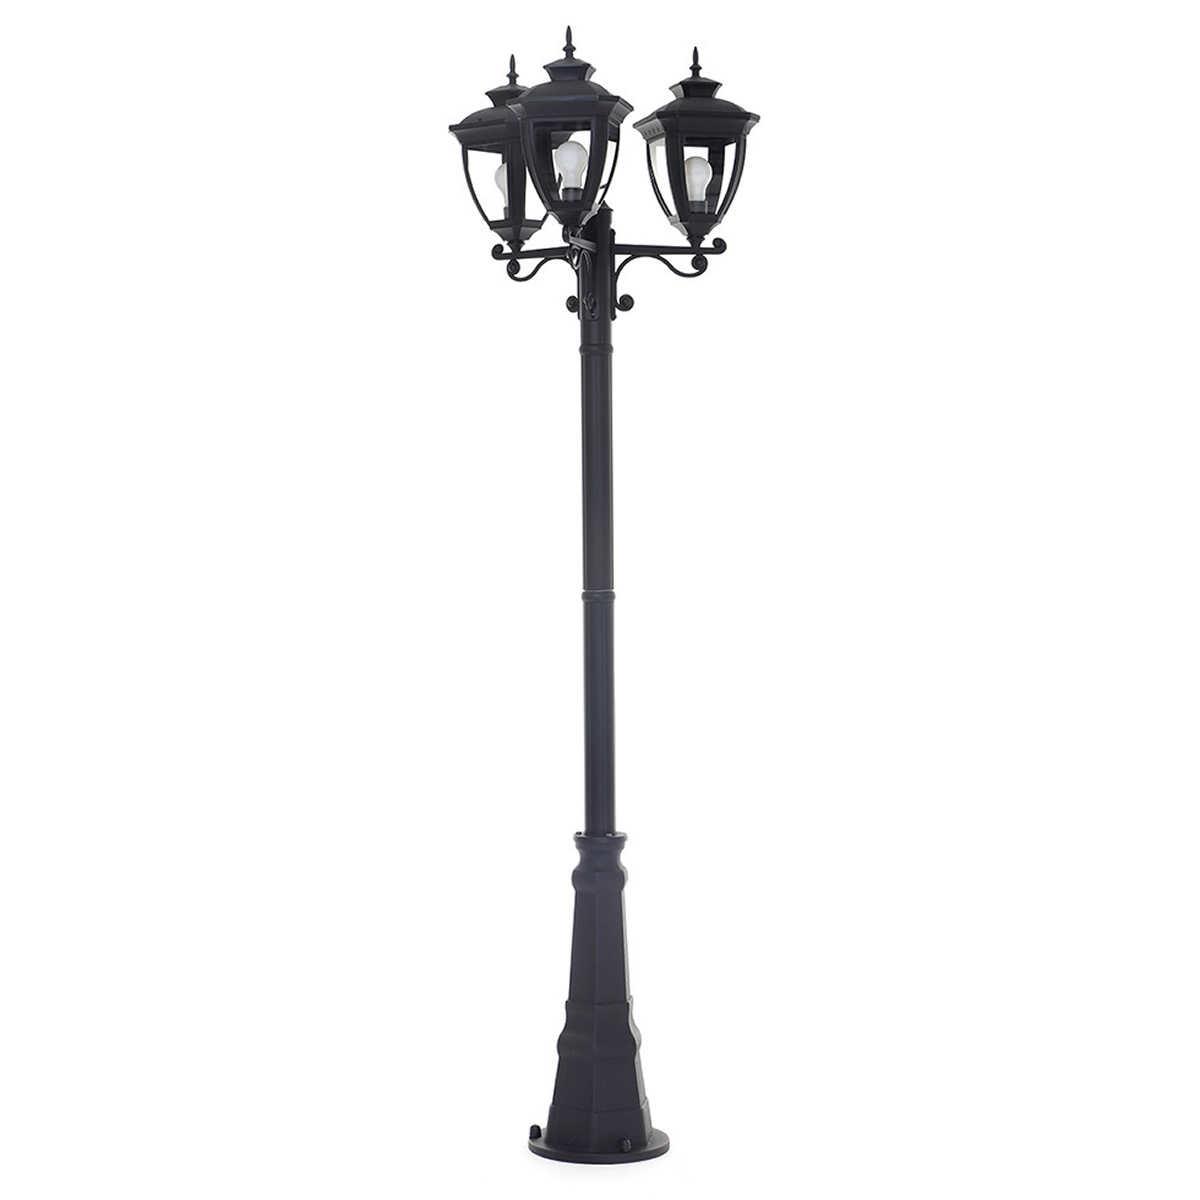 100 street lantern outdoor lighting outdoor lamp in the nig